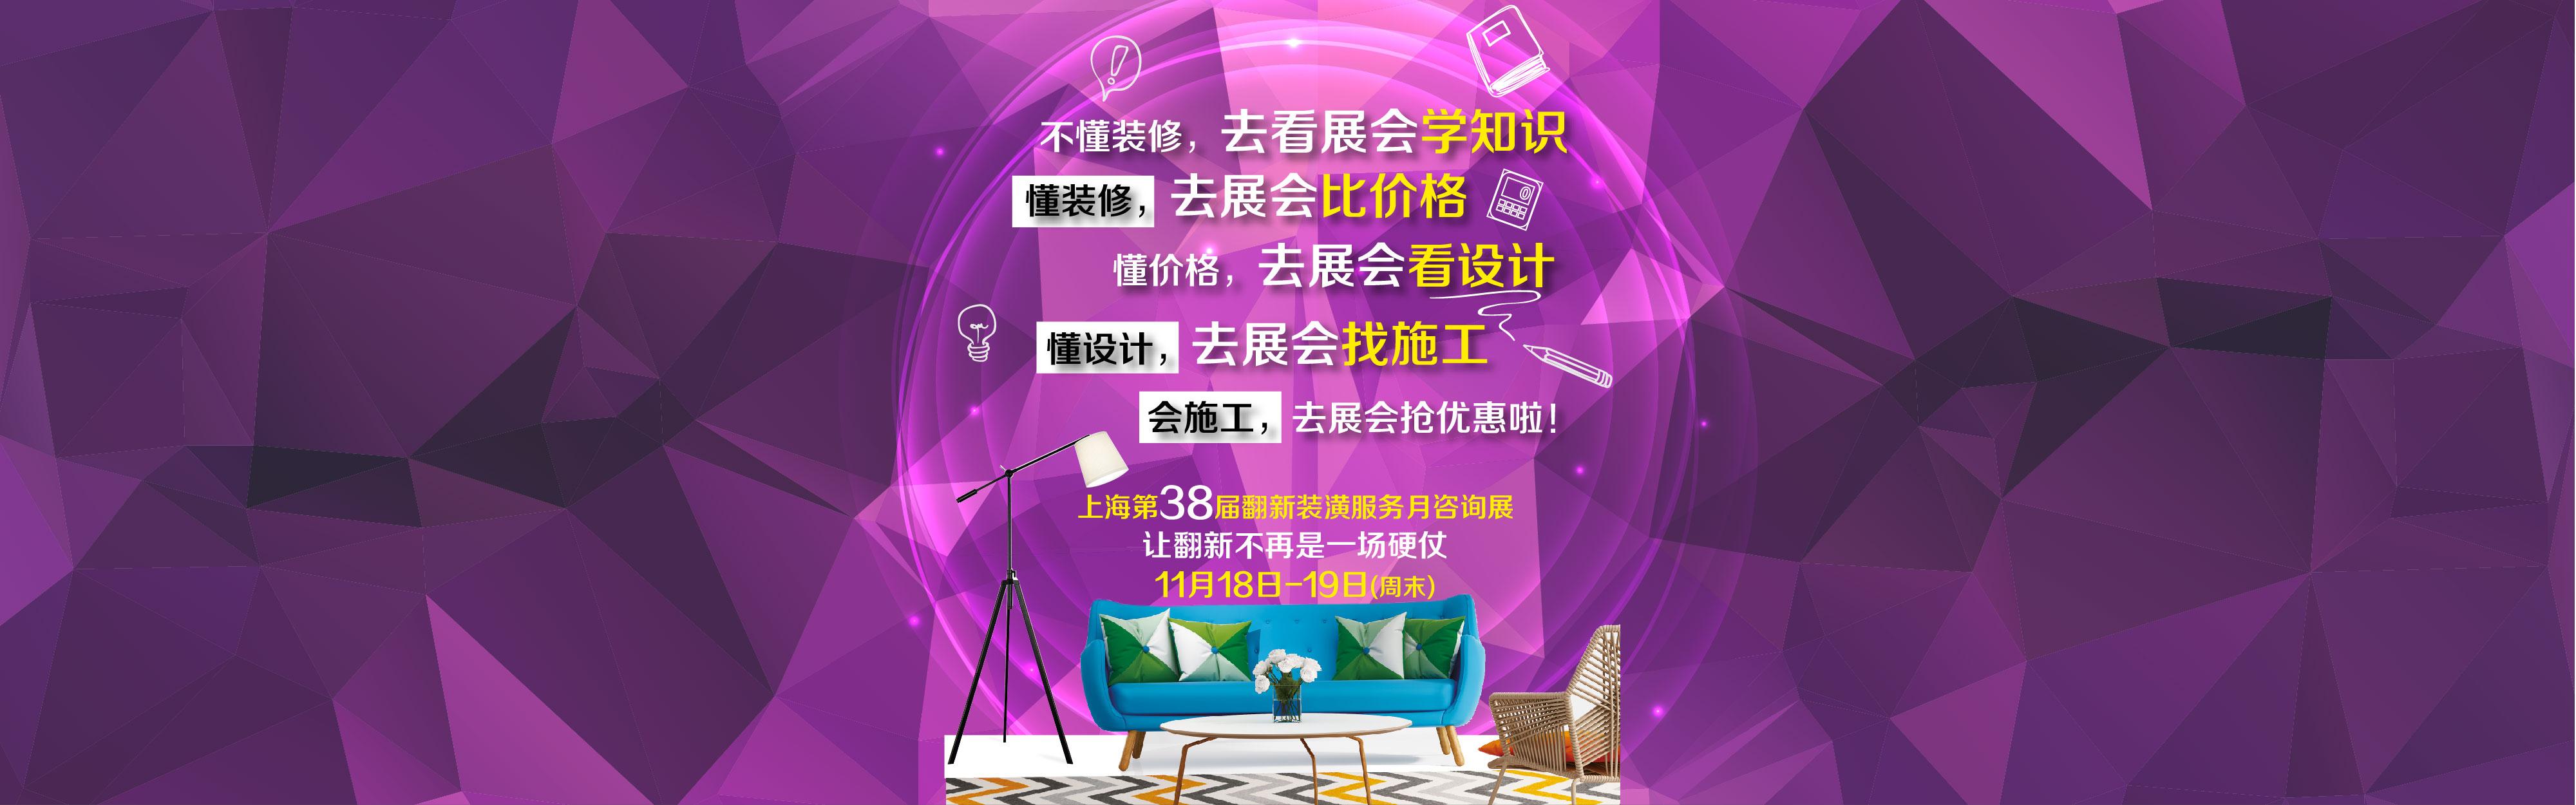 上海第38届翻新装潢服务月咨询展